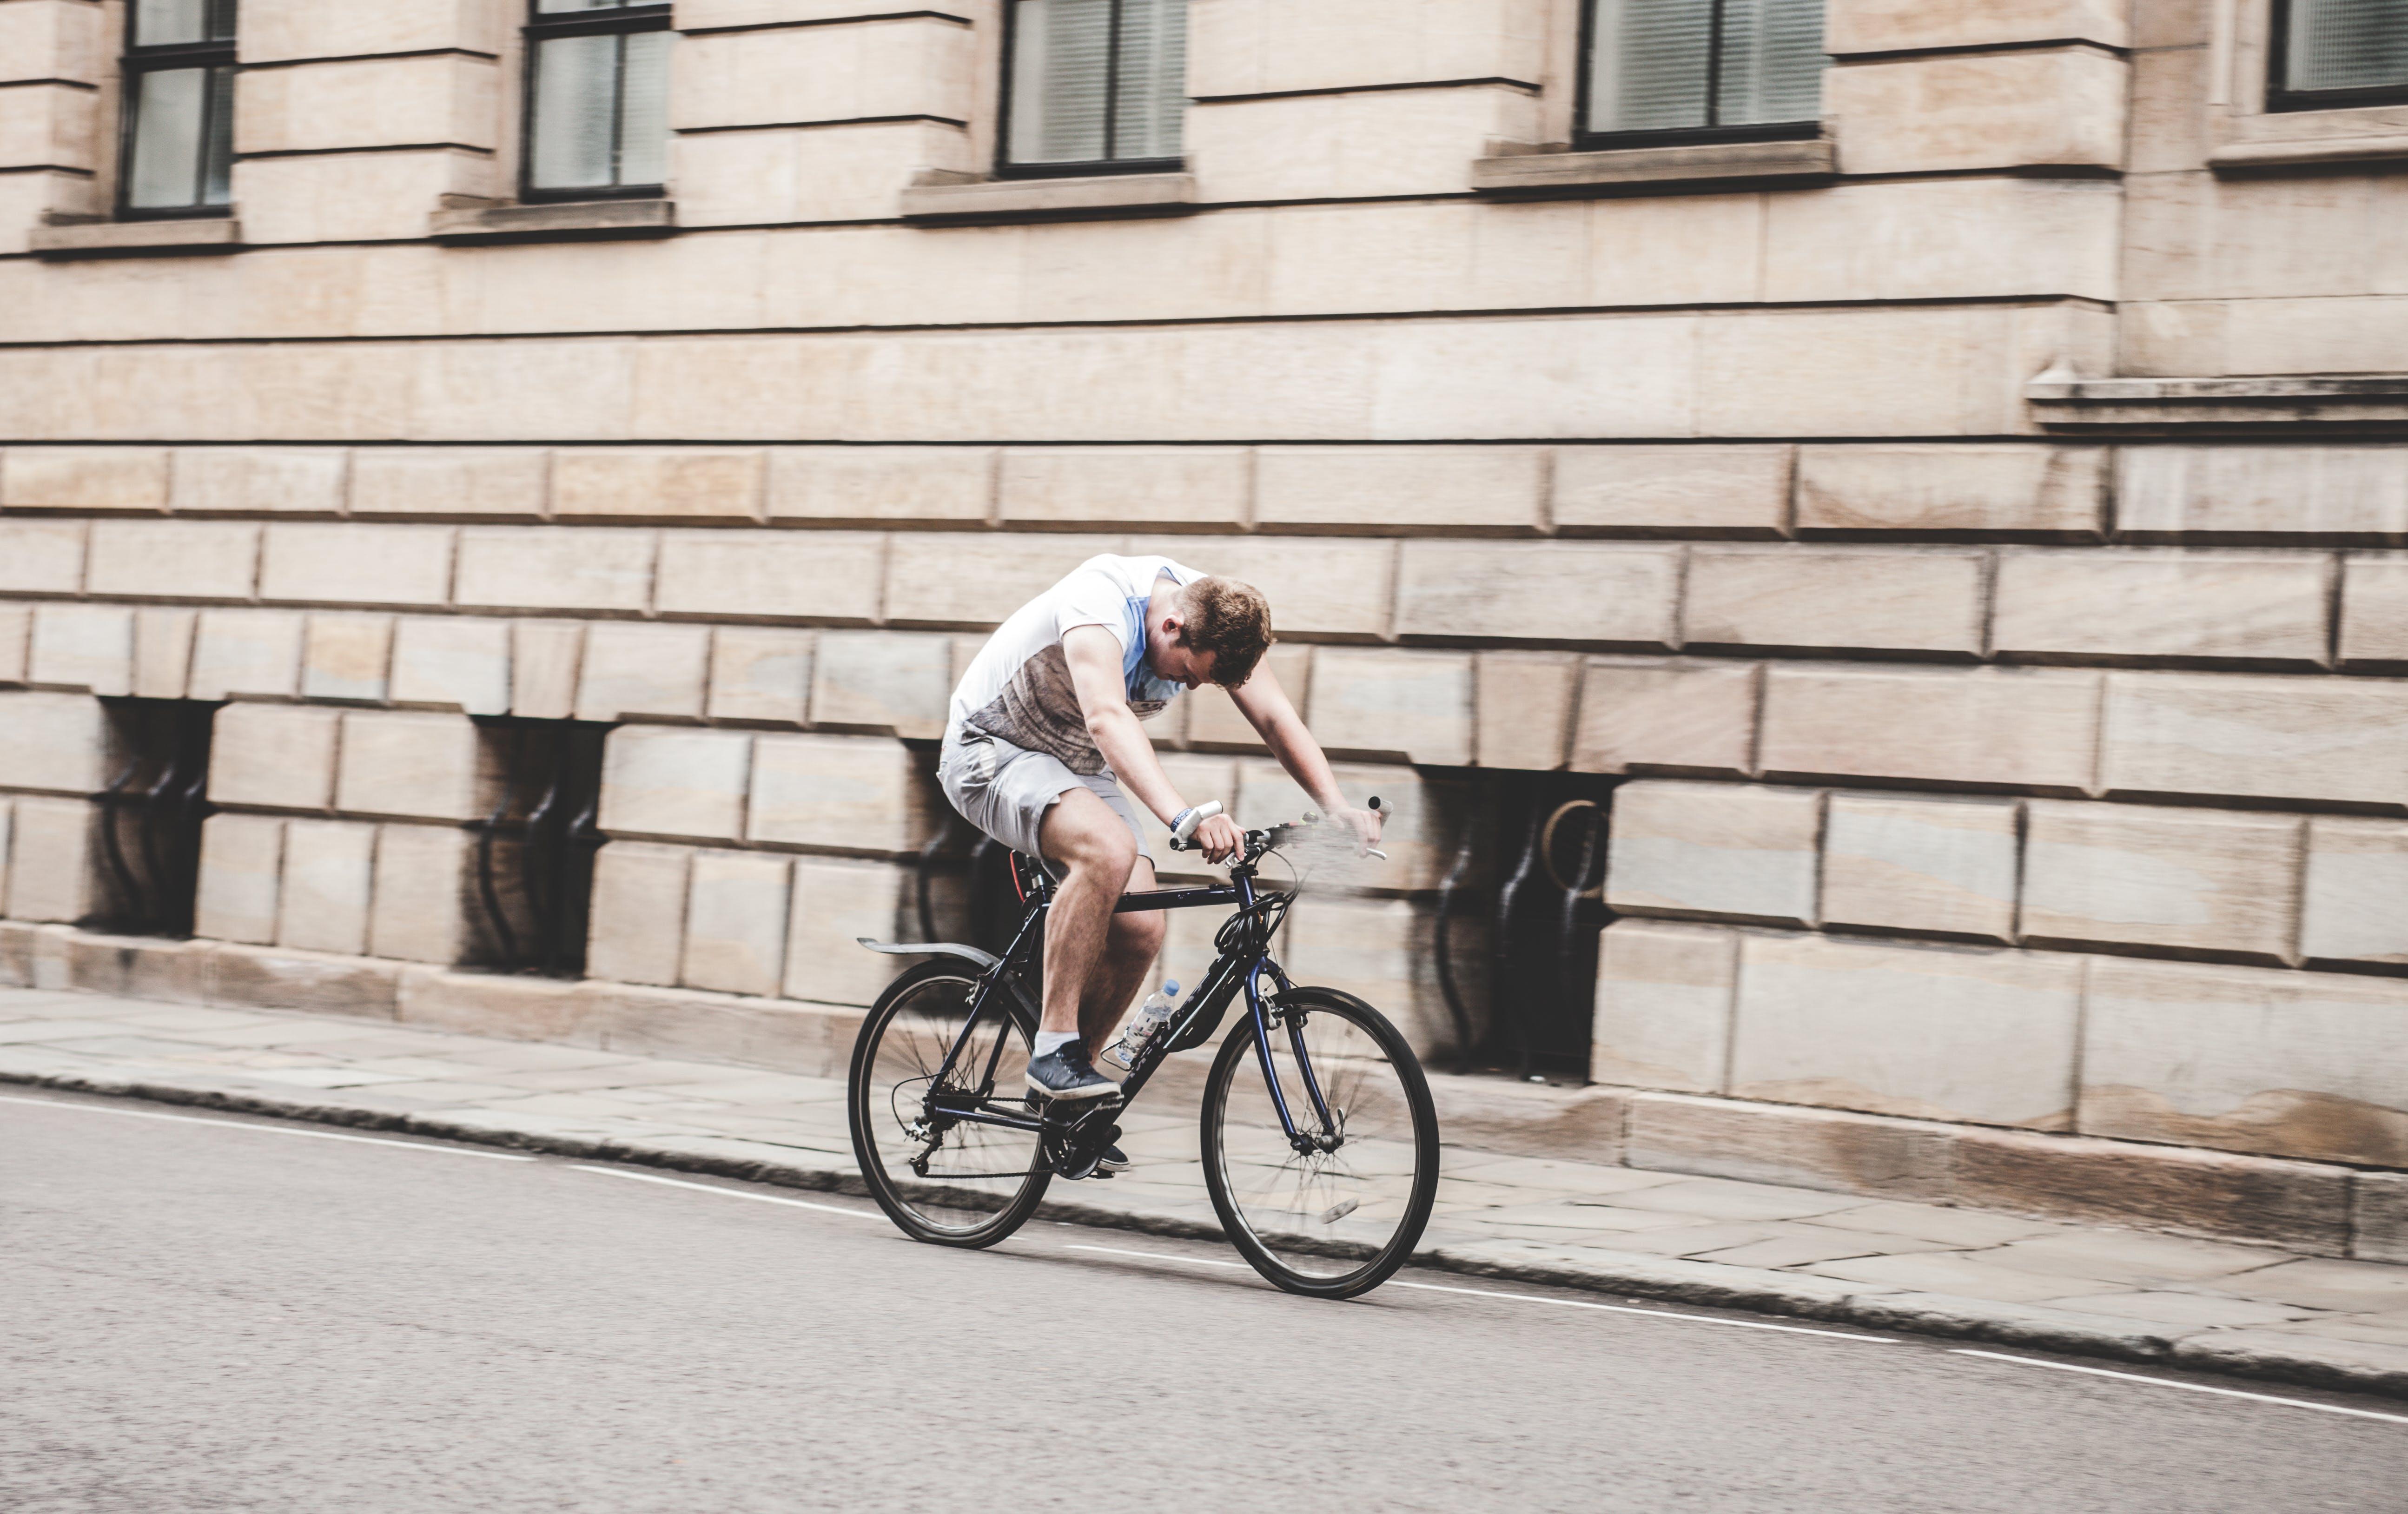 Man Riding Black Mountain Bike on Pathway during Daytime